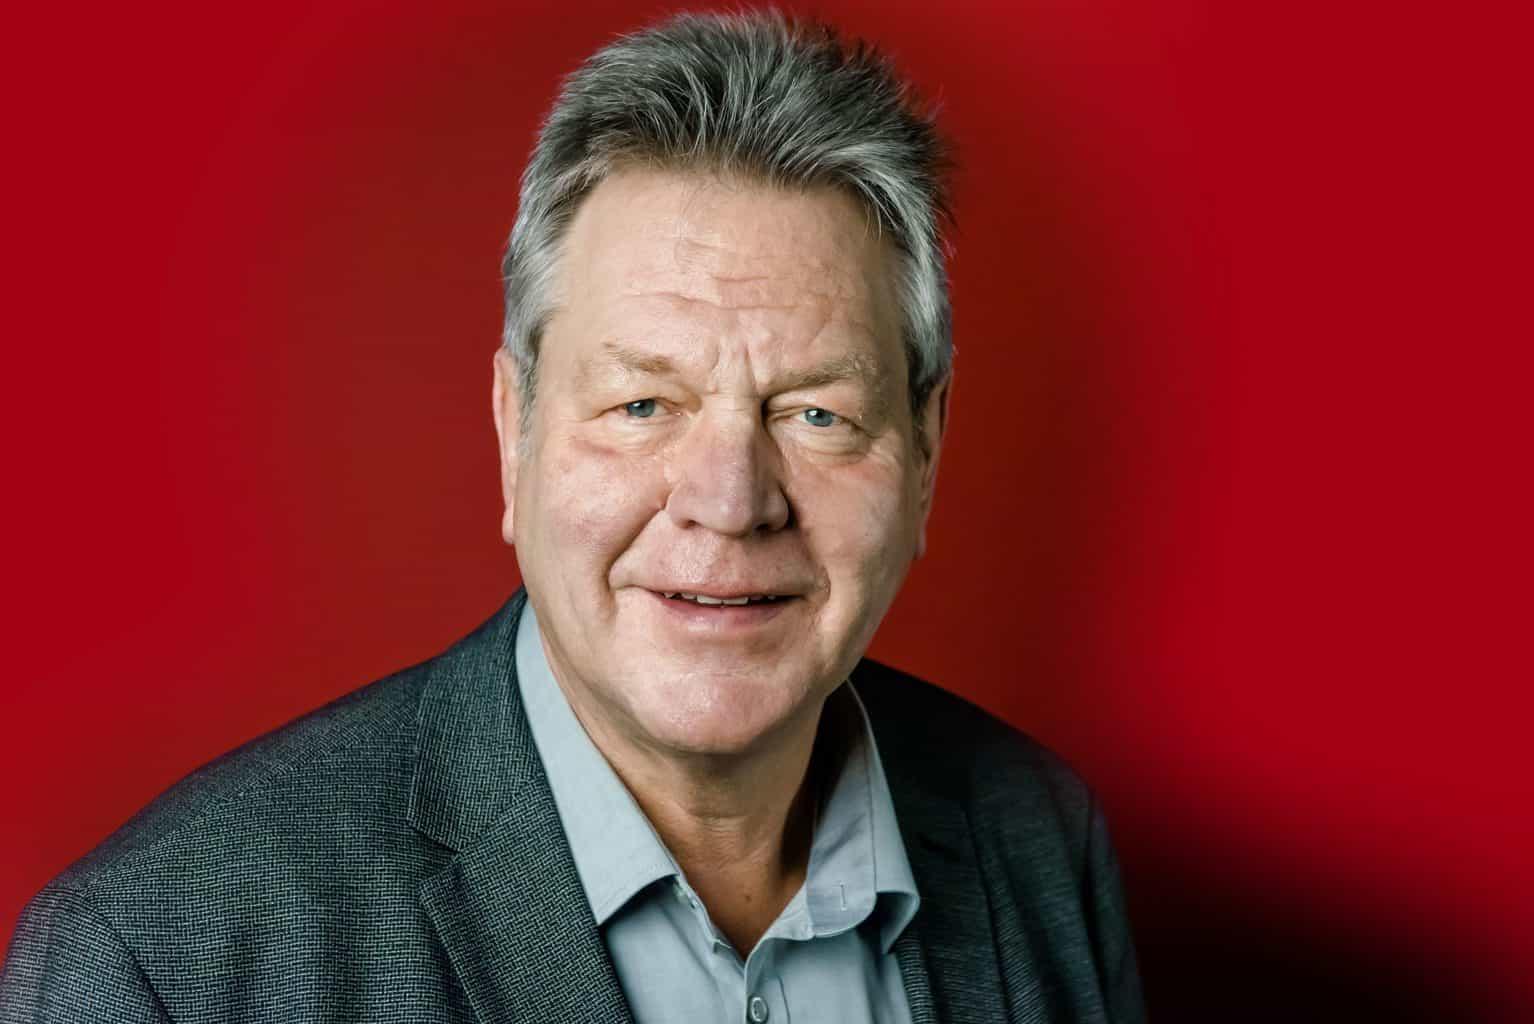 Hans-Dieter Stradmann